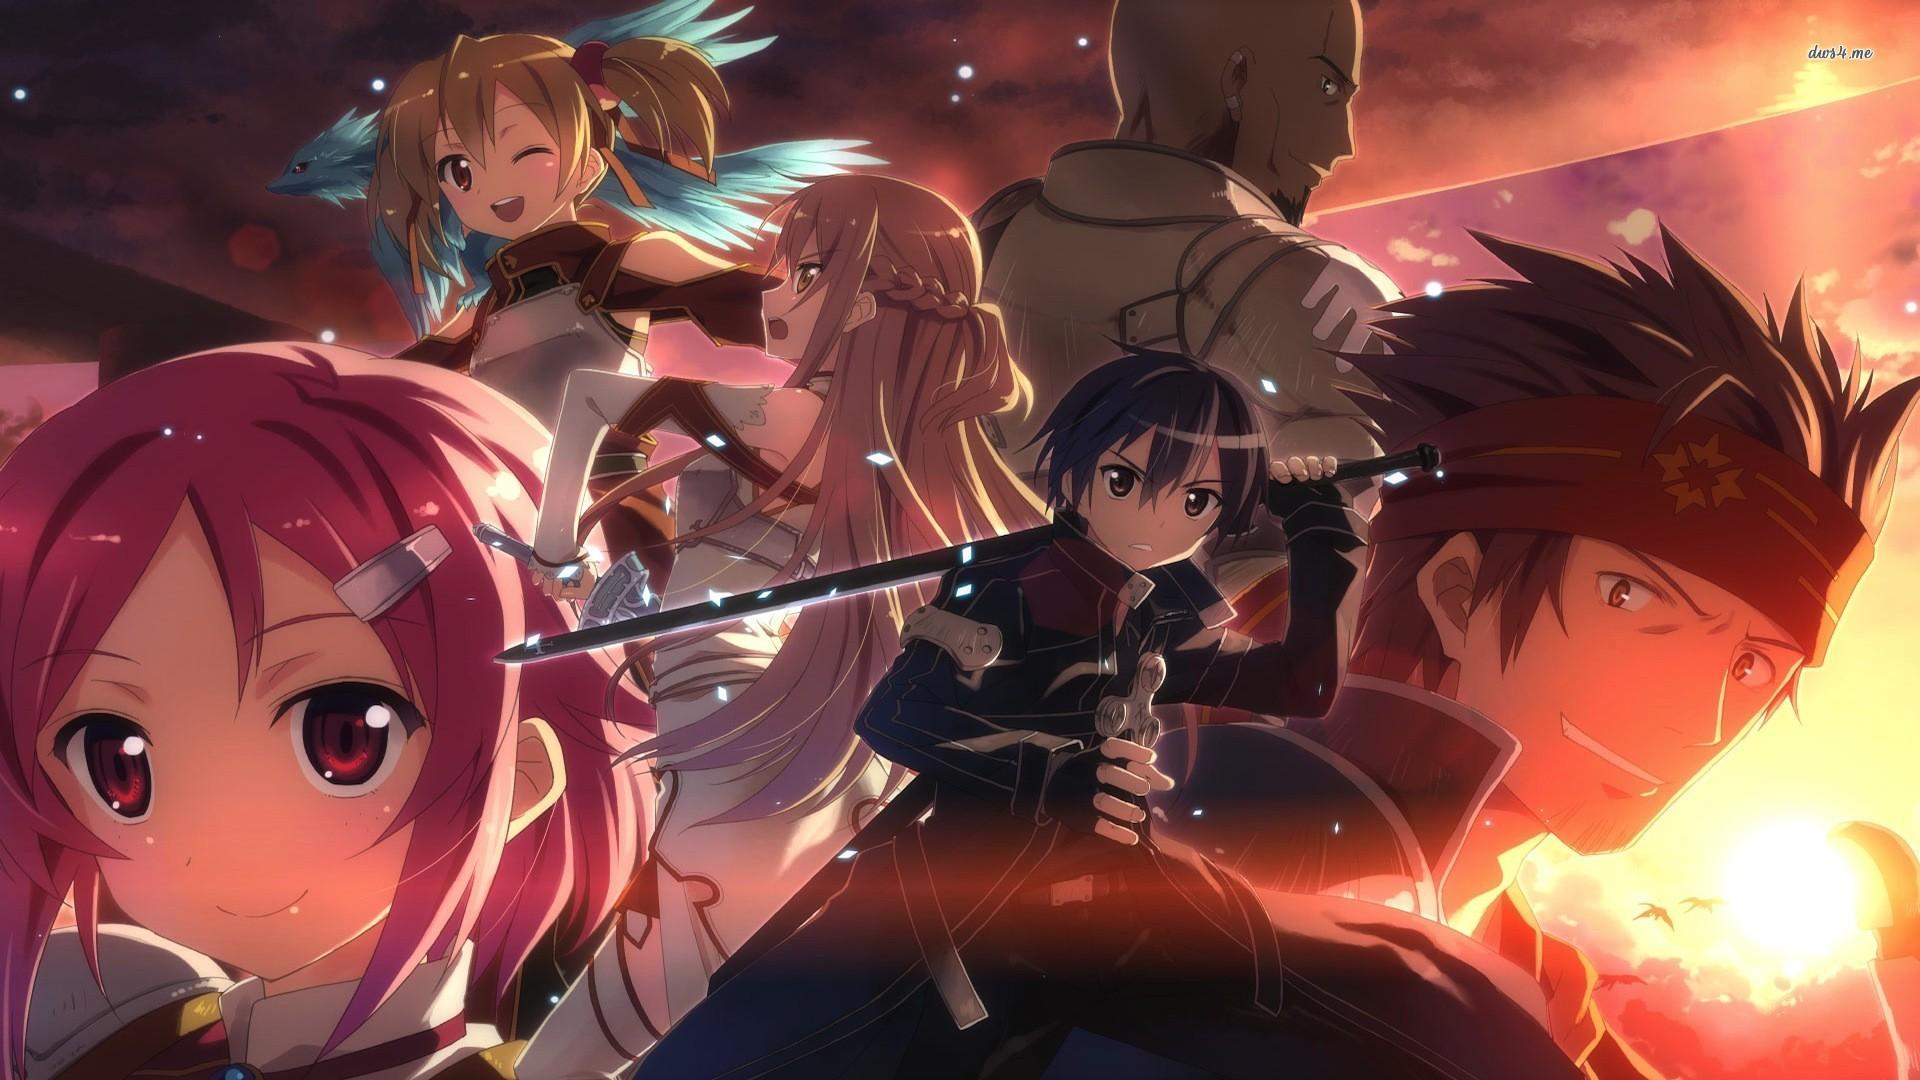 sword art online anime wallpaper - wallpapersafari